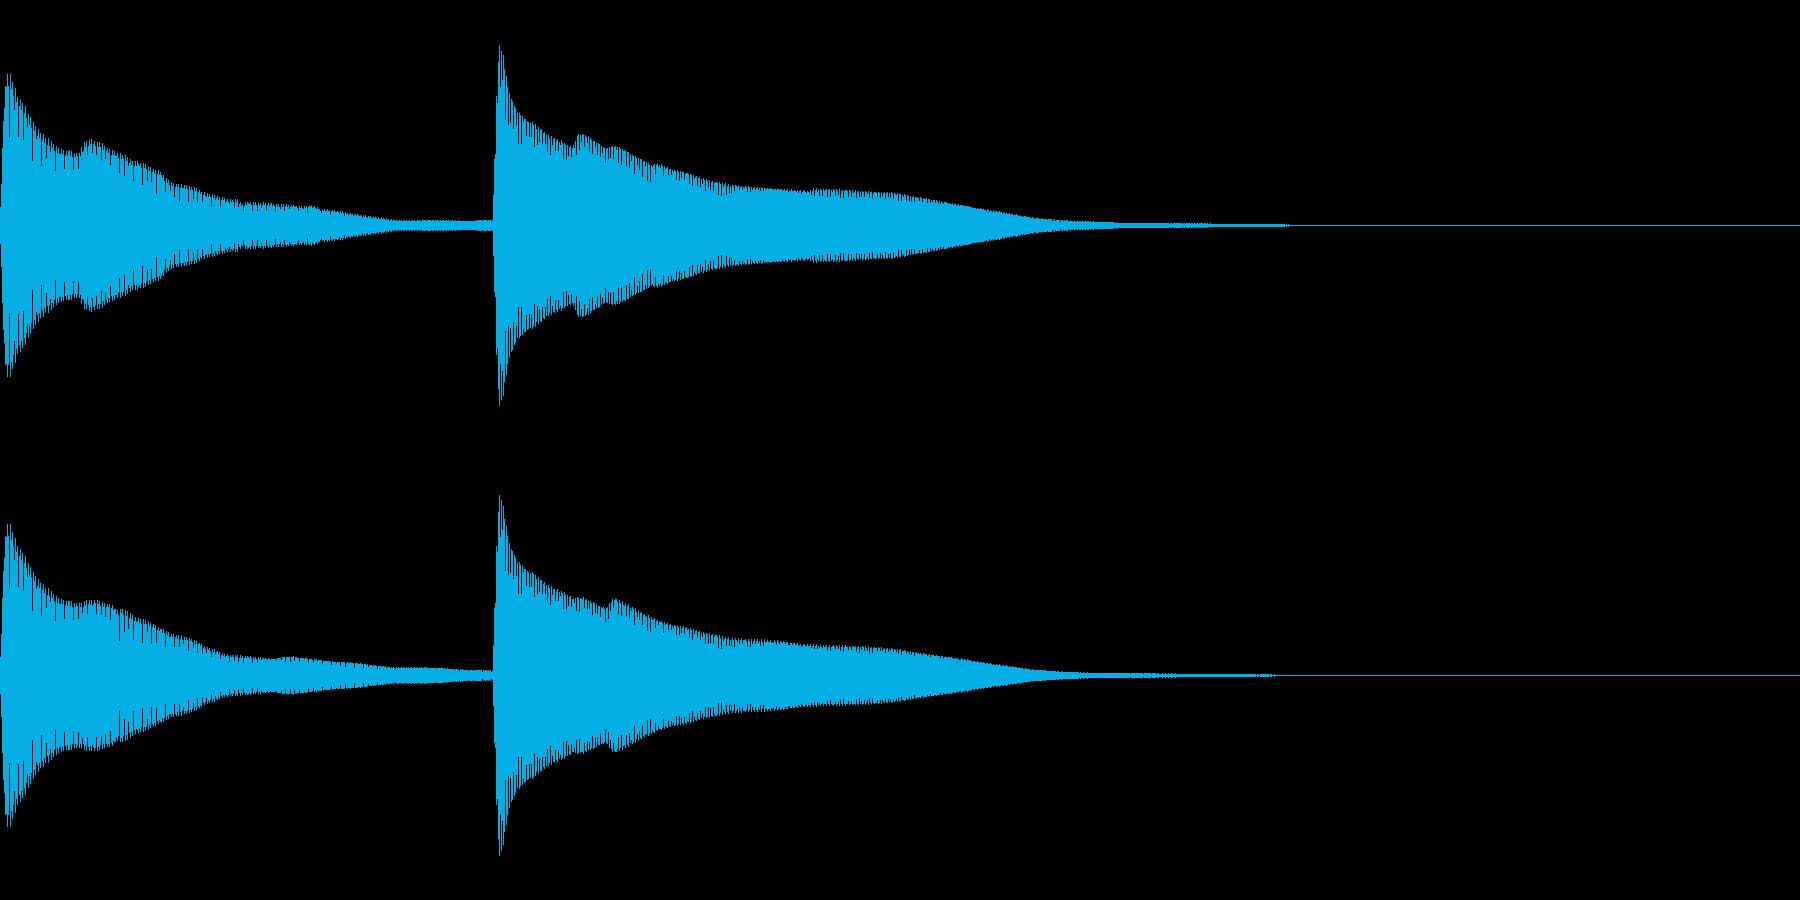 正解 1C 控え目な音 ピンポーンの再生済みの波形